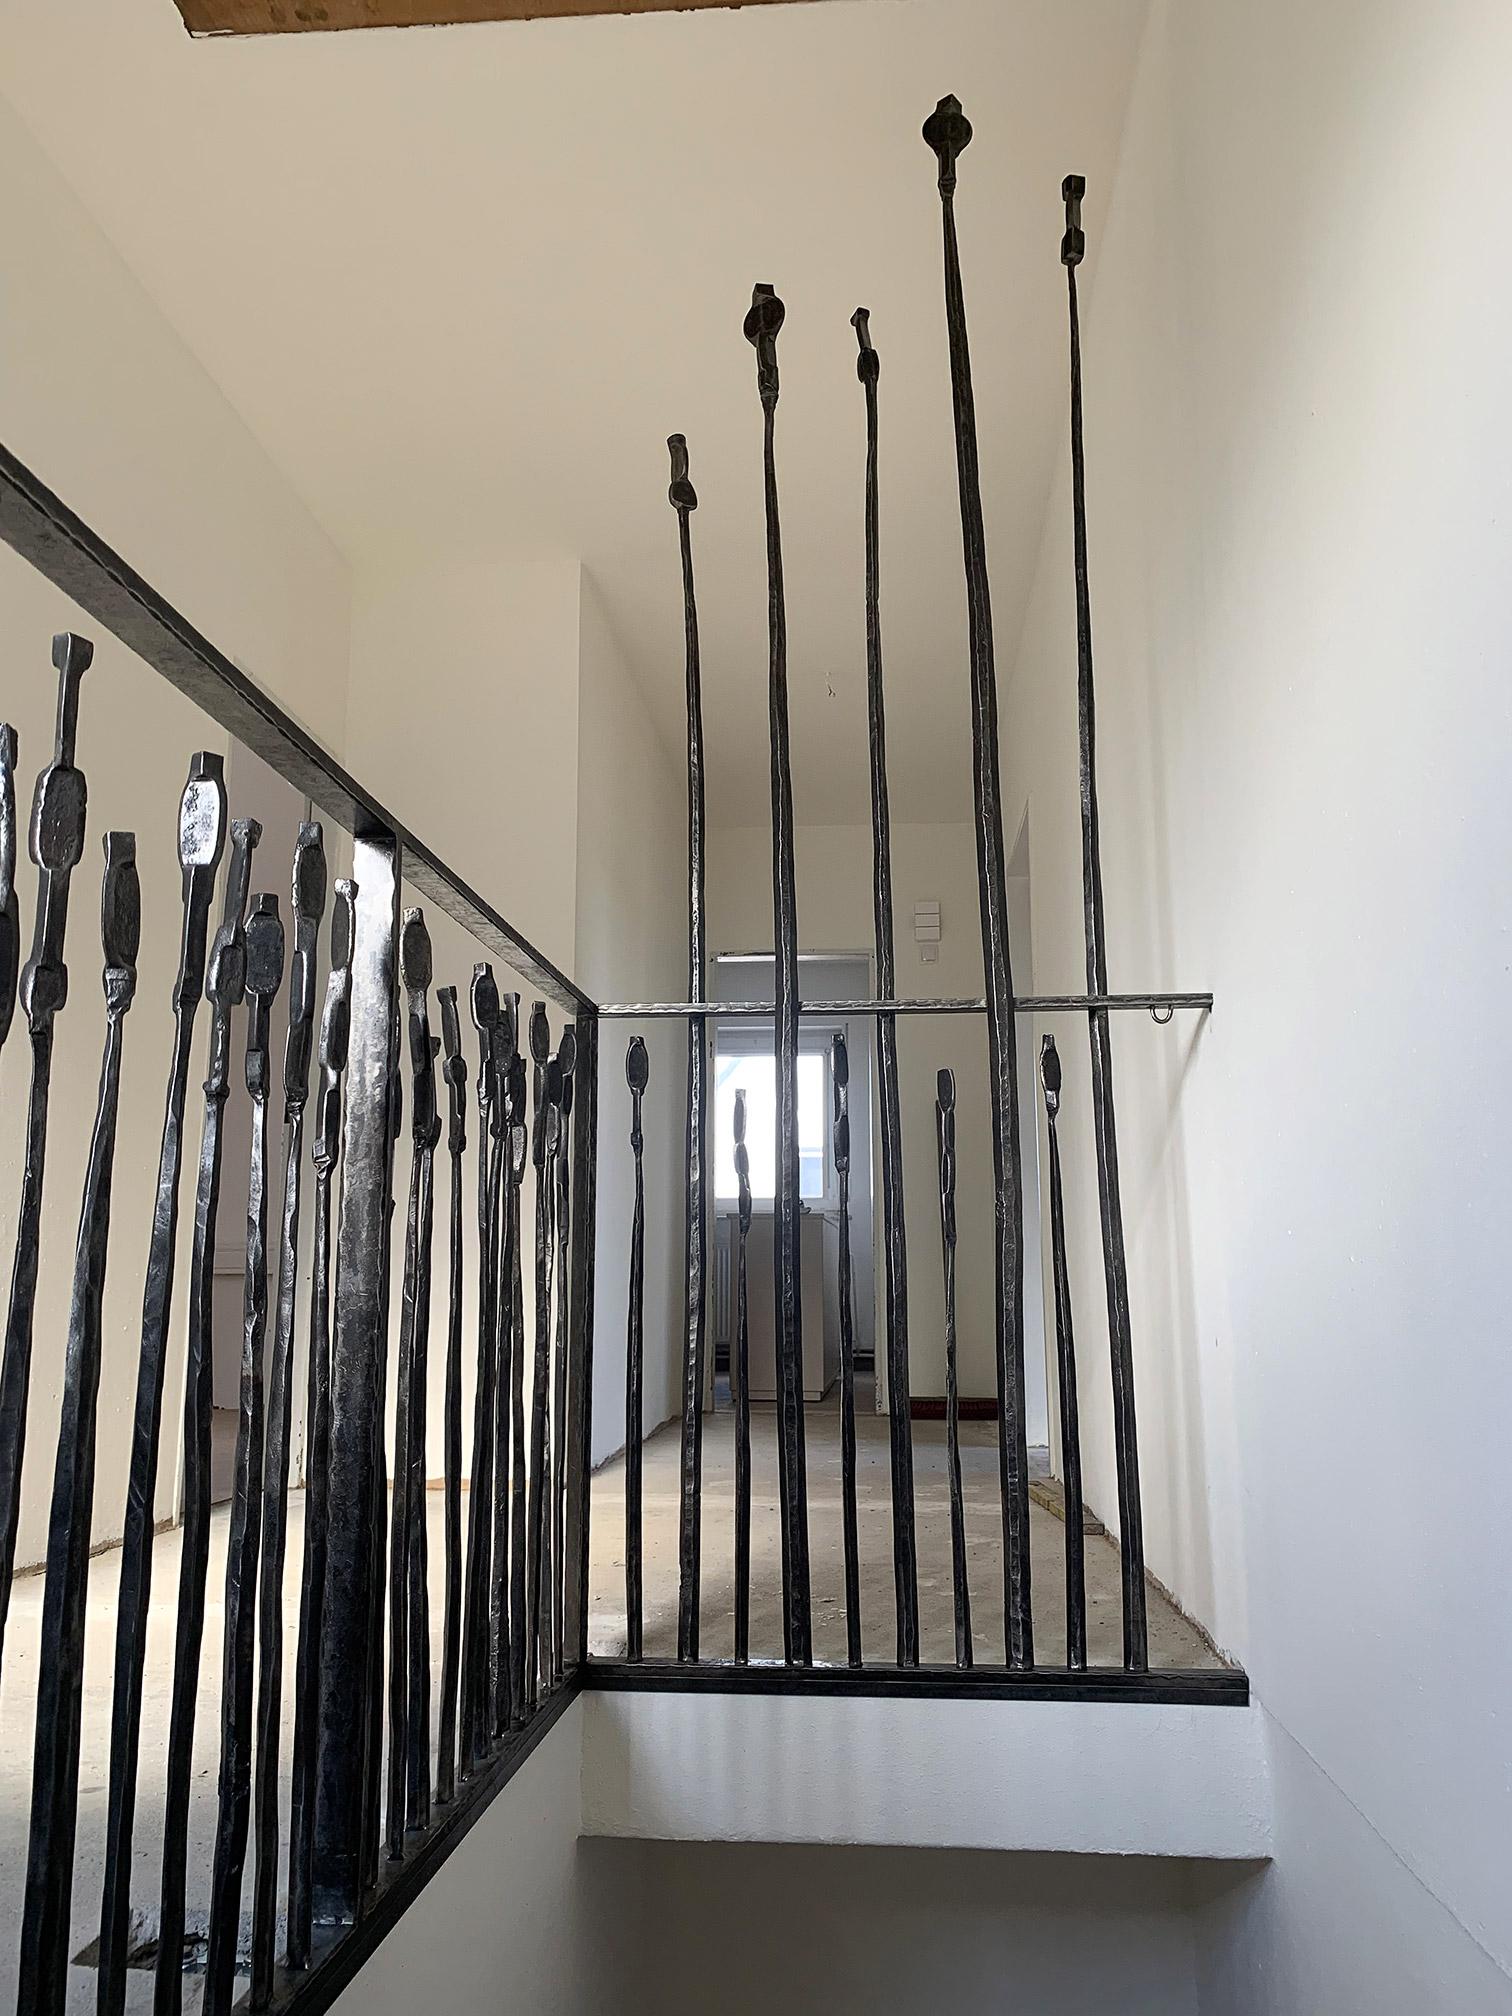 Geländer-Innenbereich schwebende Anmutung